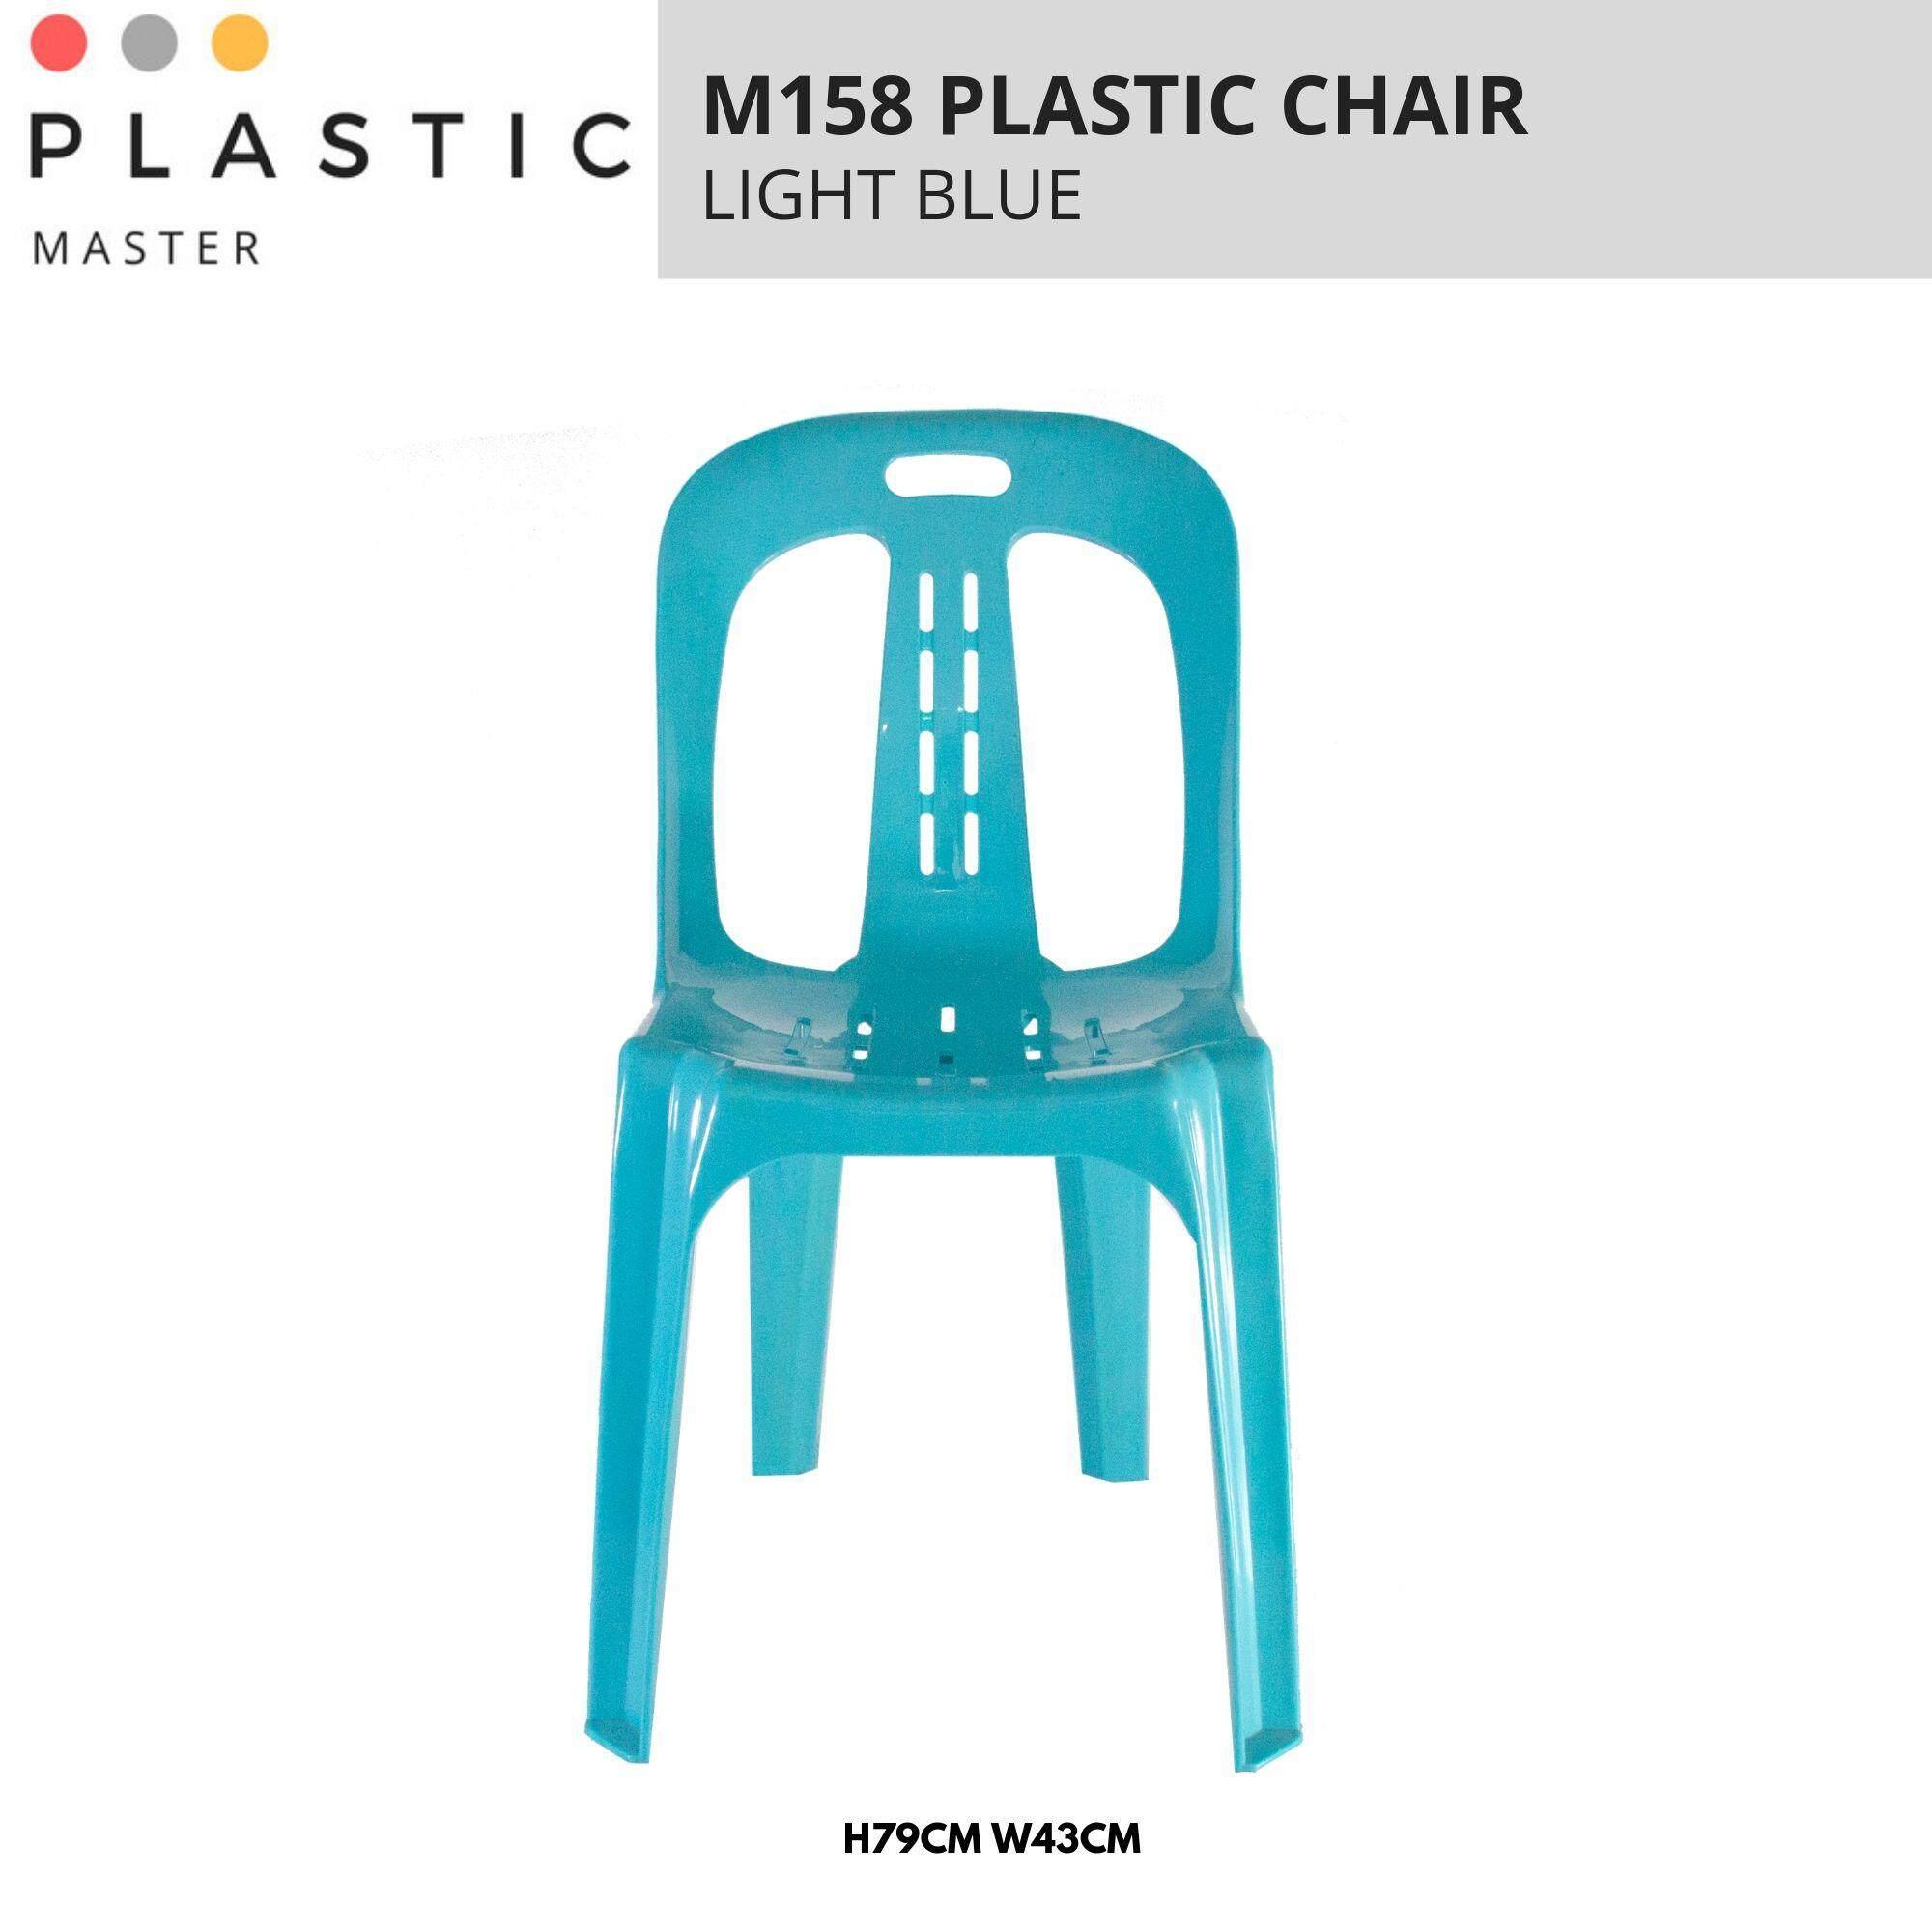 เช่าเก้าอี้ หนองคาย หุ้น: ที่ชื่นชอบ (5) เก้าอี้พลาสติก 150KG โหลด M158 หลายสี